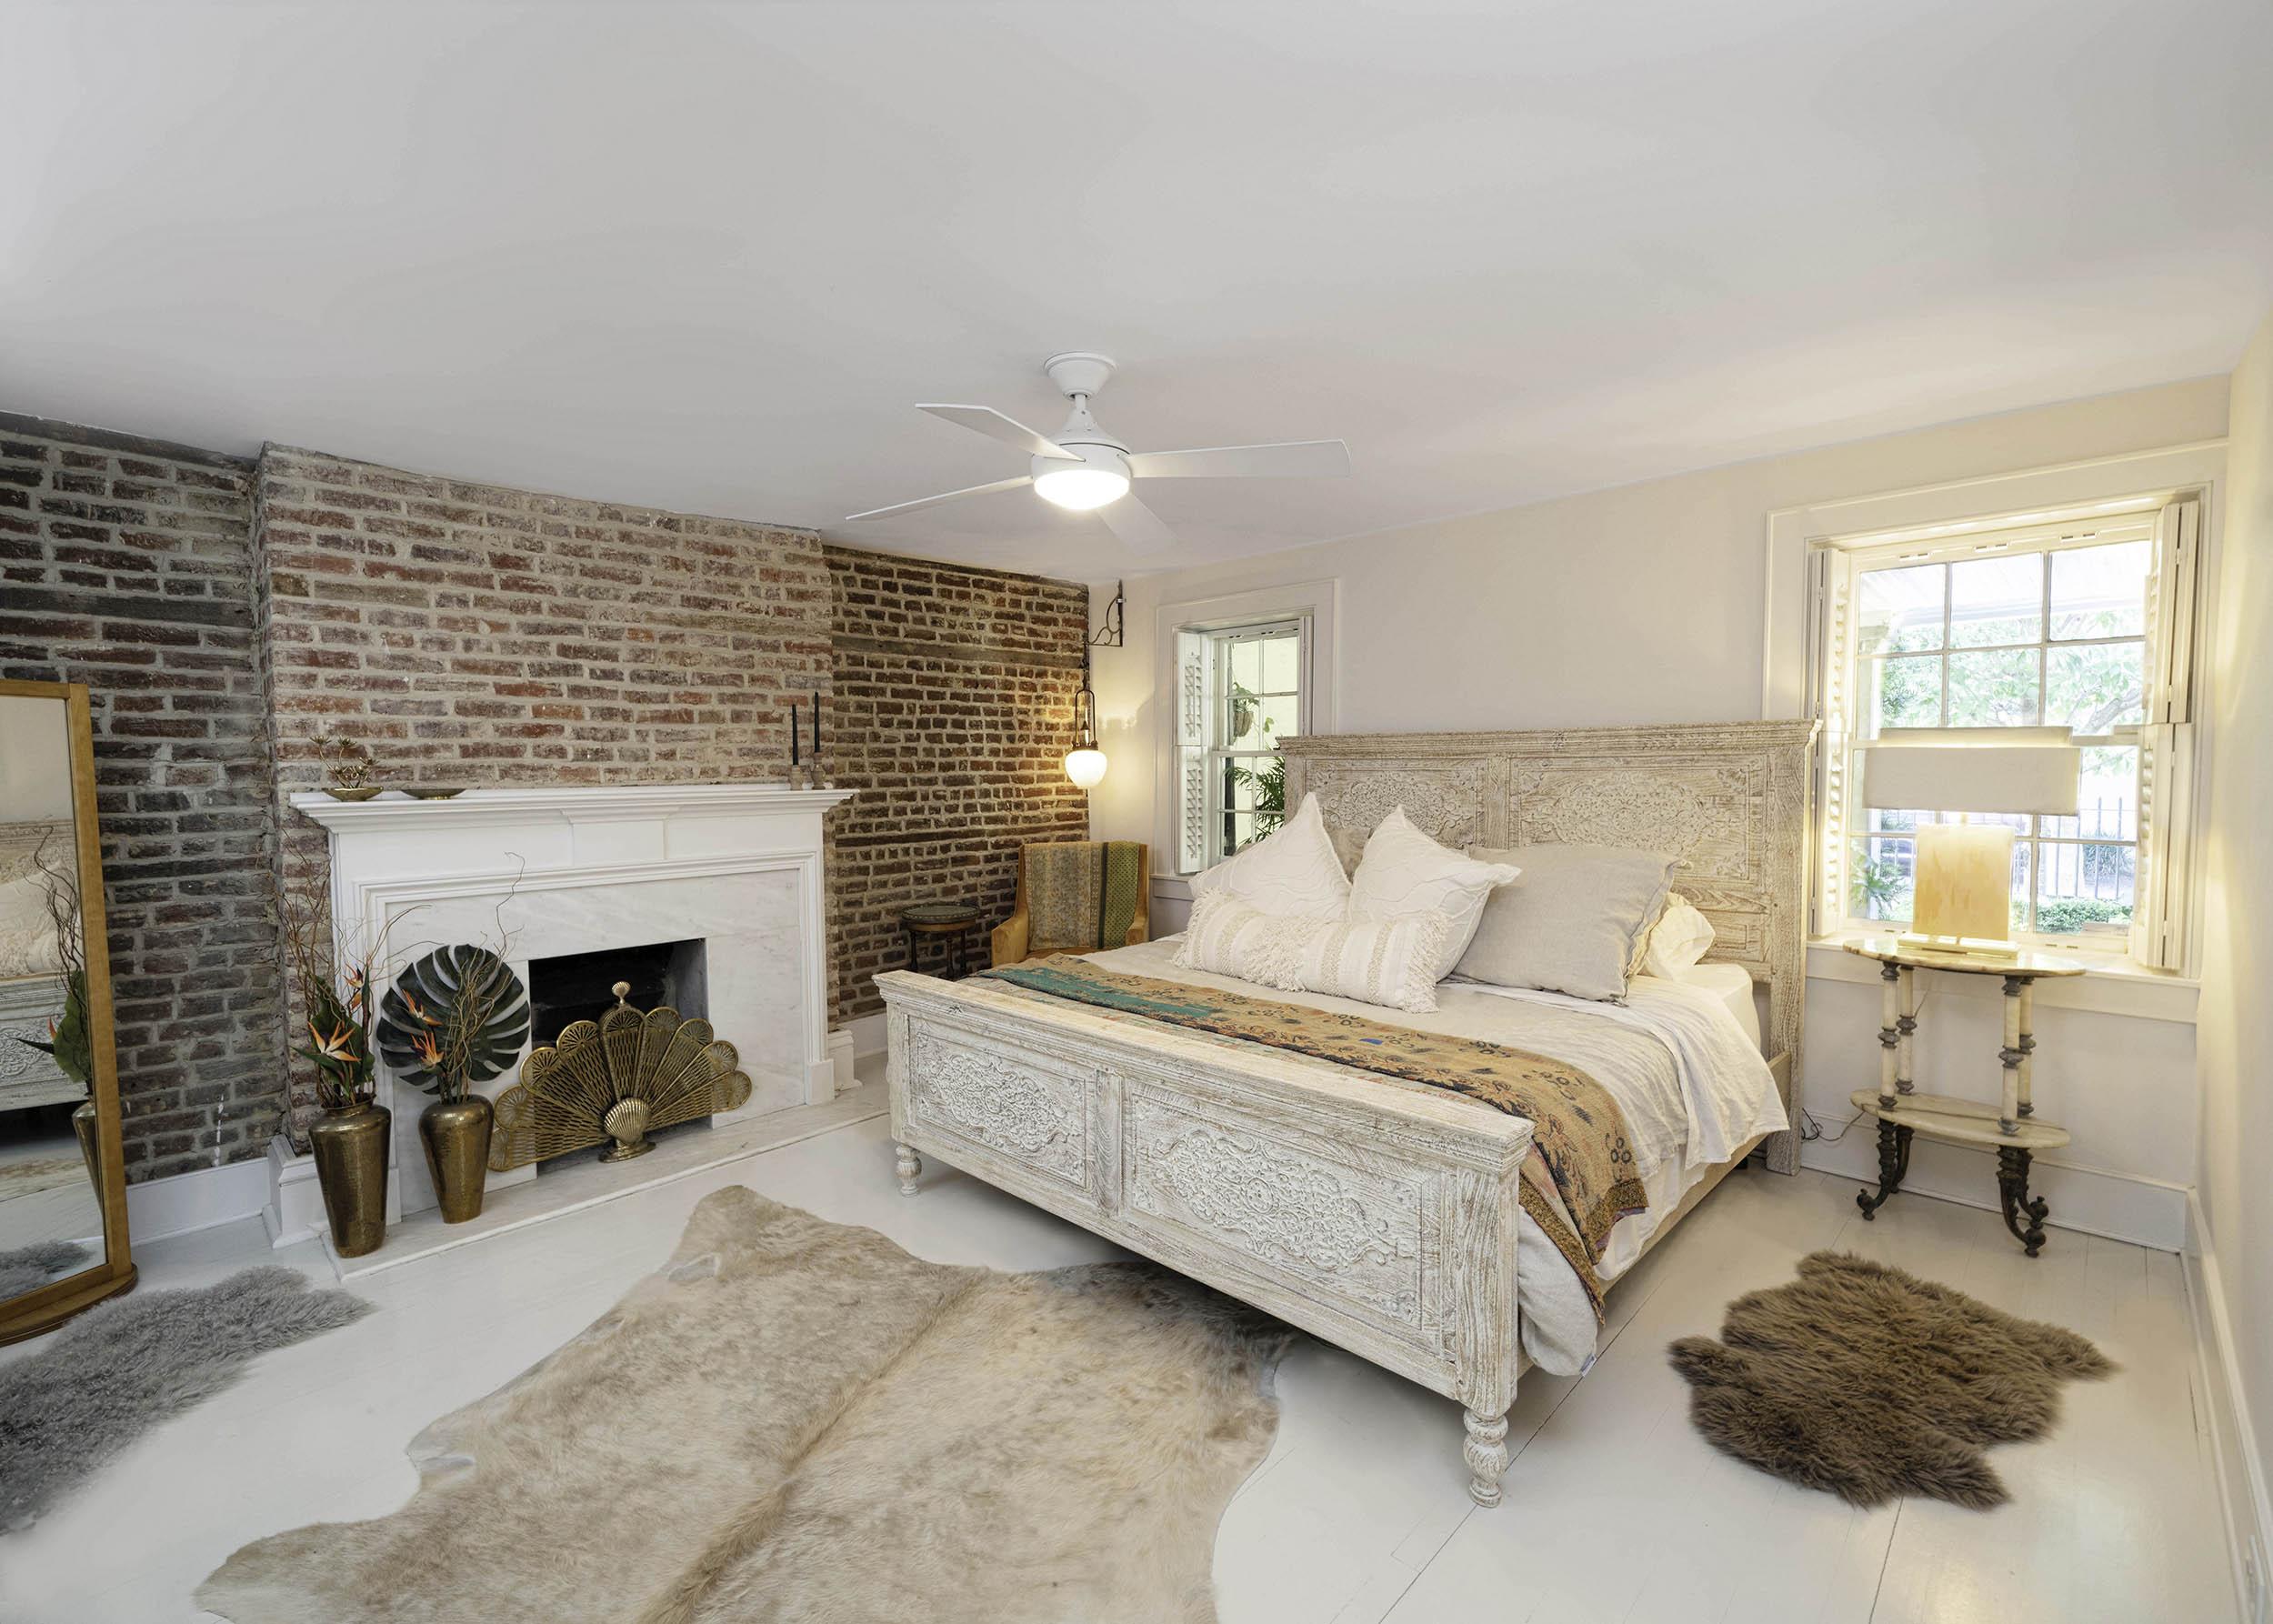 34 Montagu Street B master bedroom